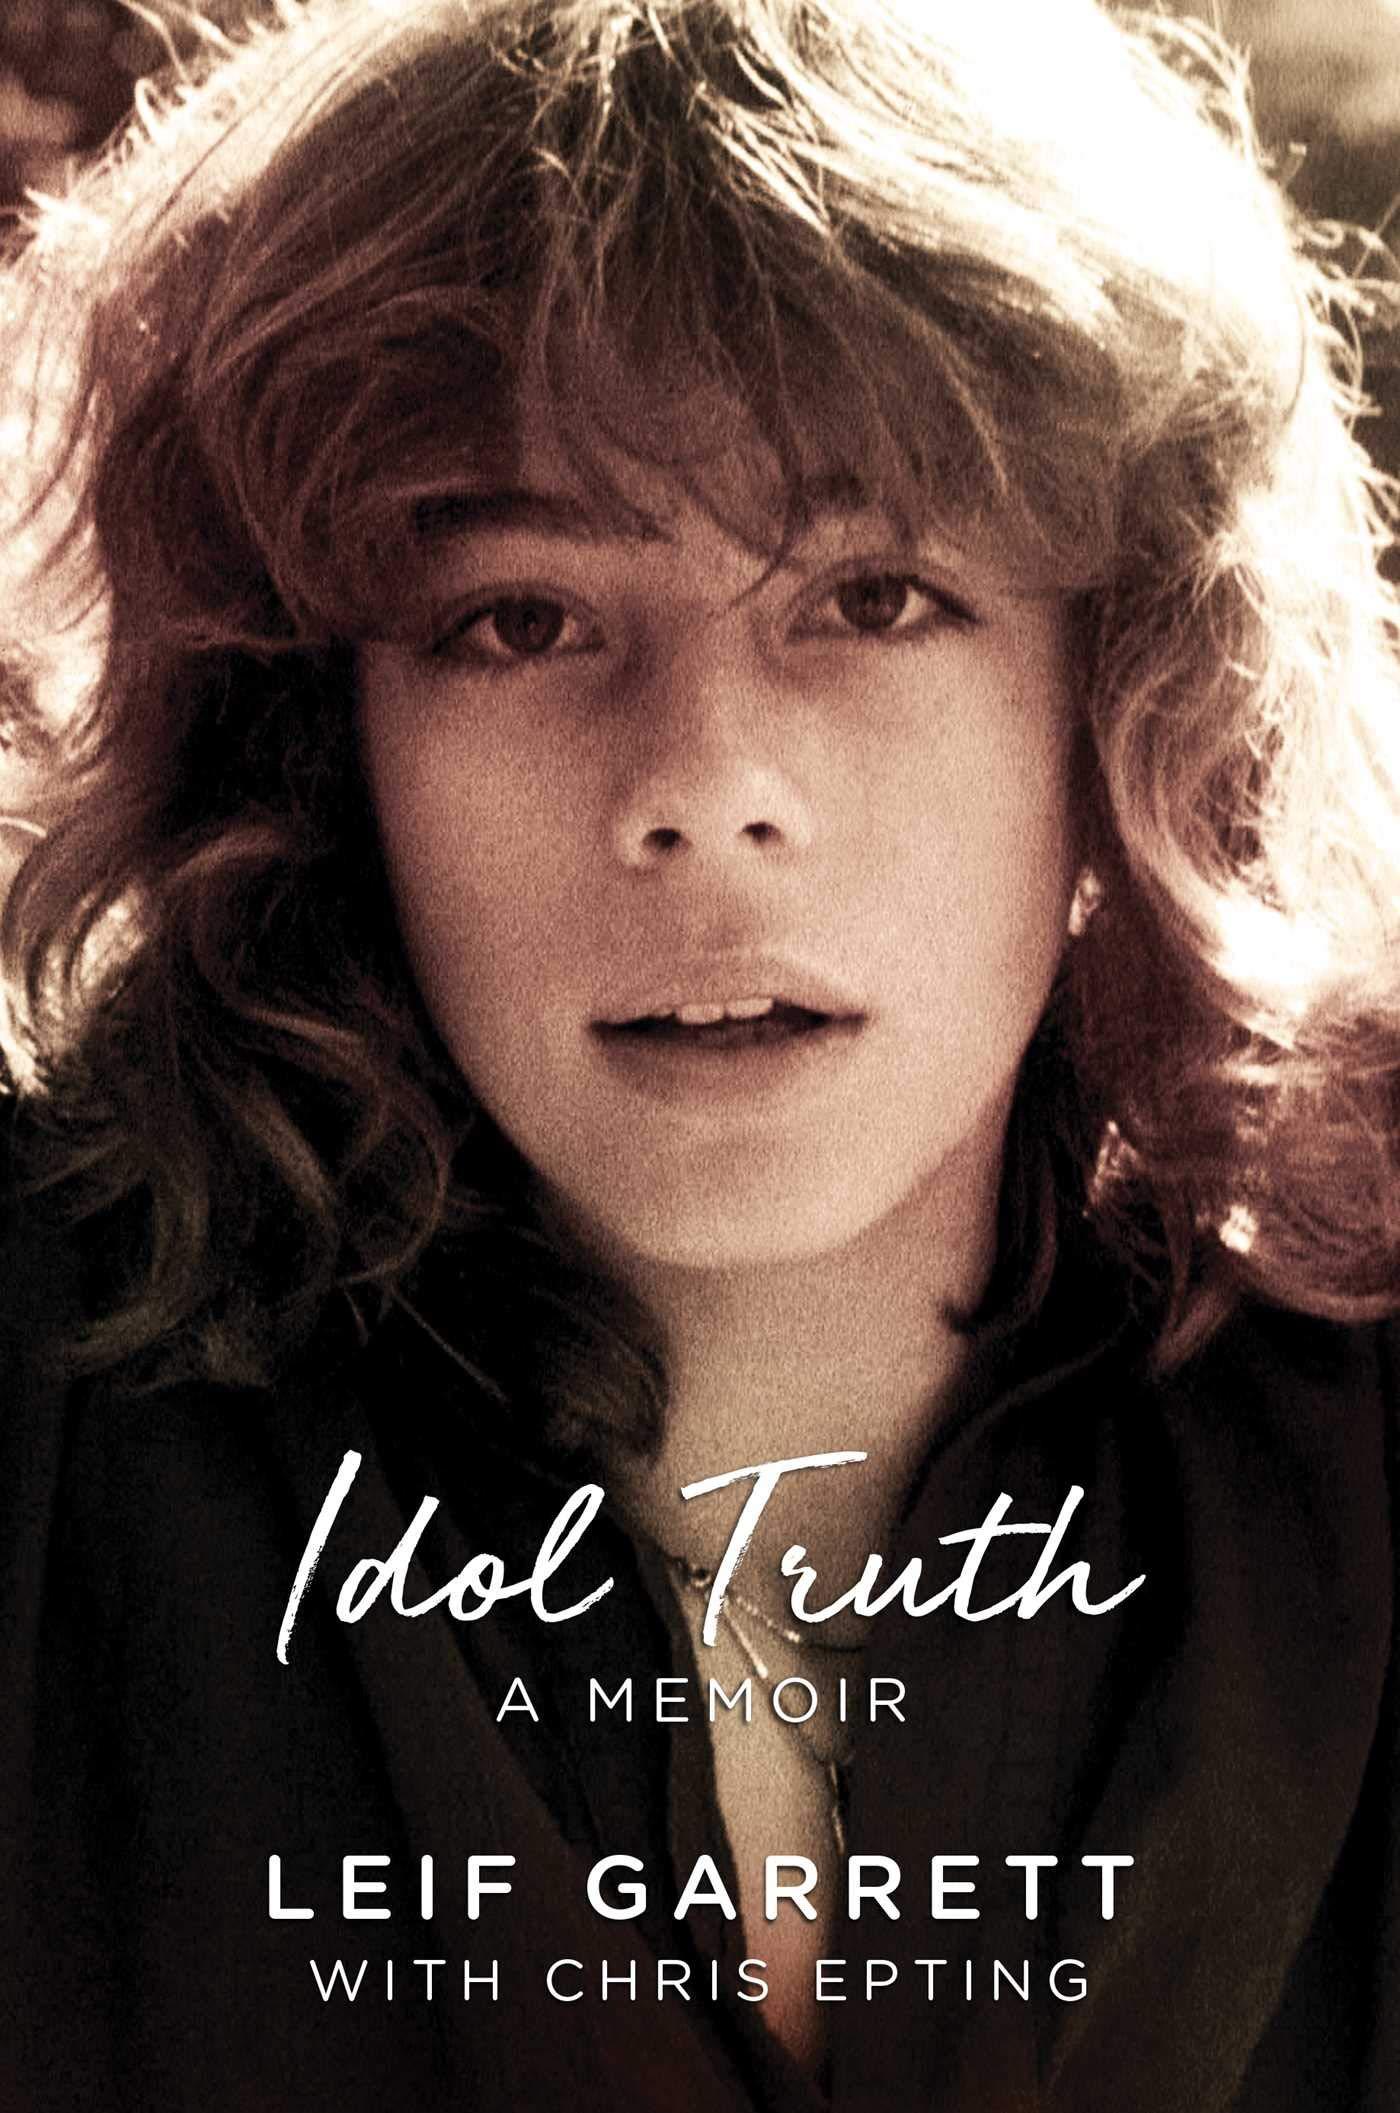 レイフ ギャレット_Idol Truth: A Memoir